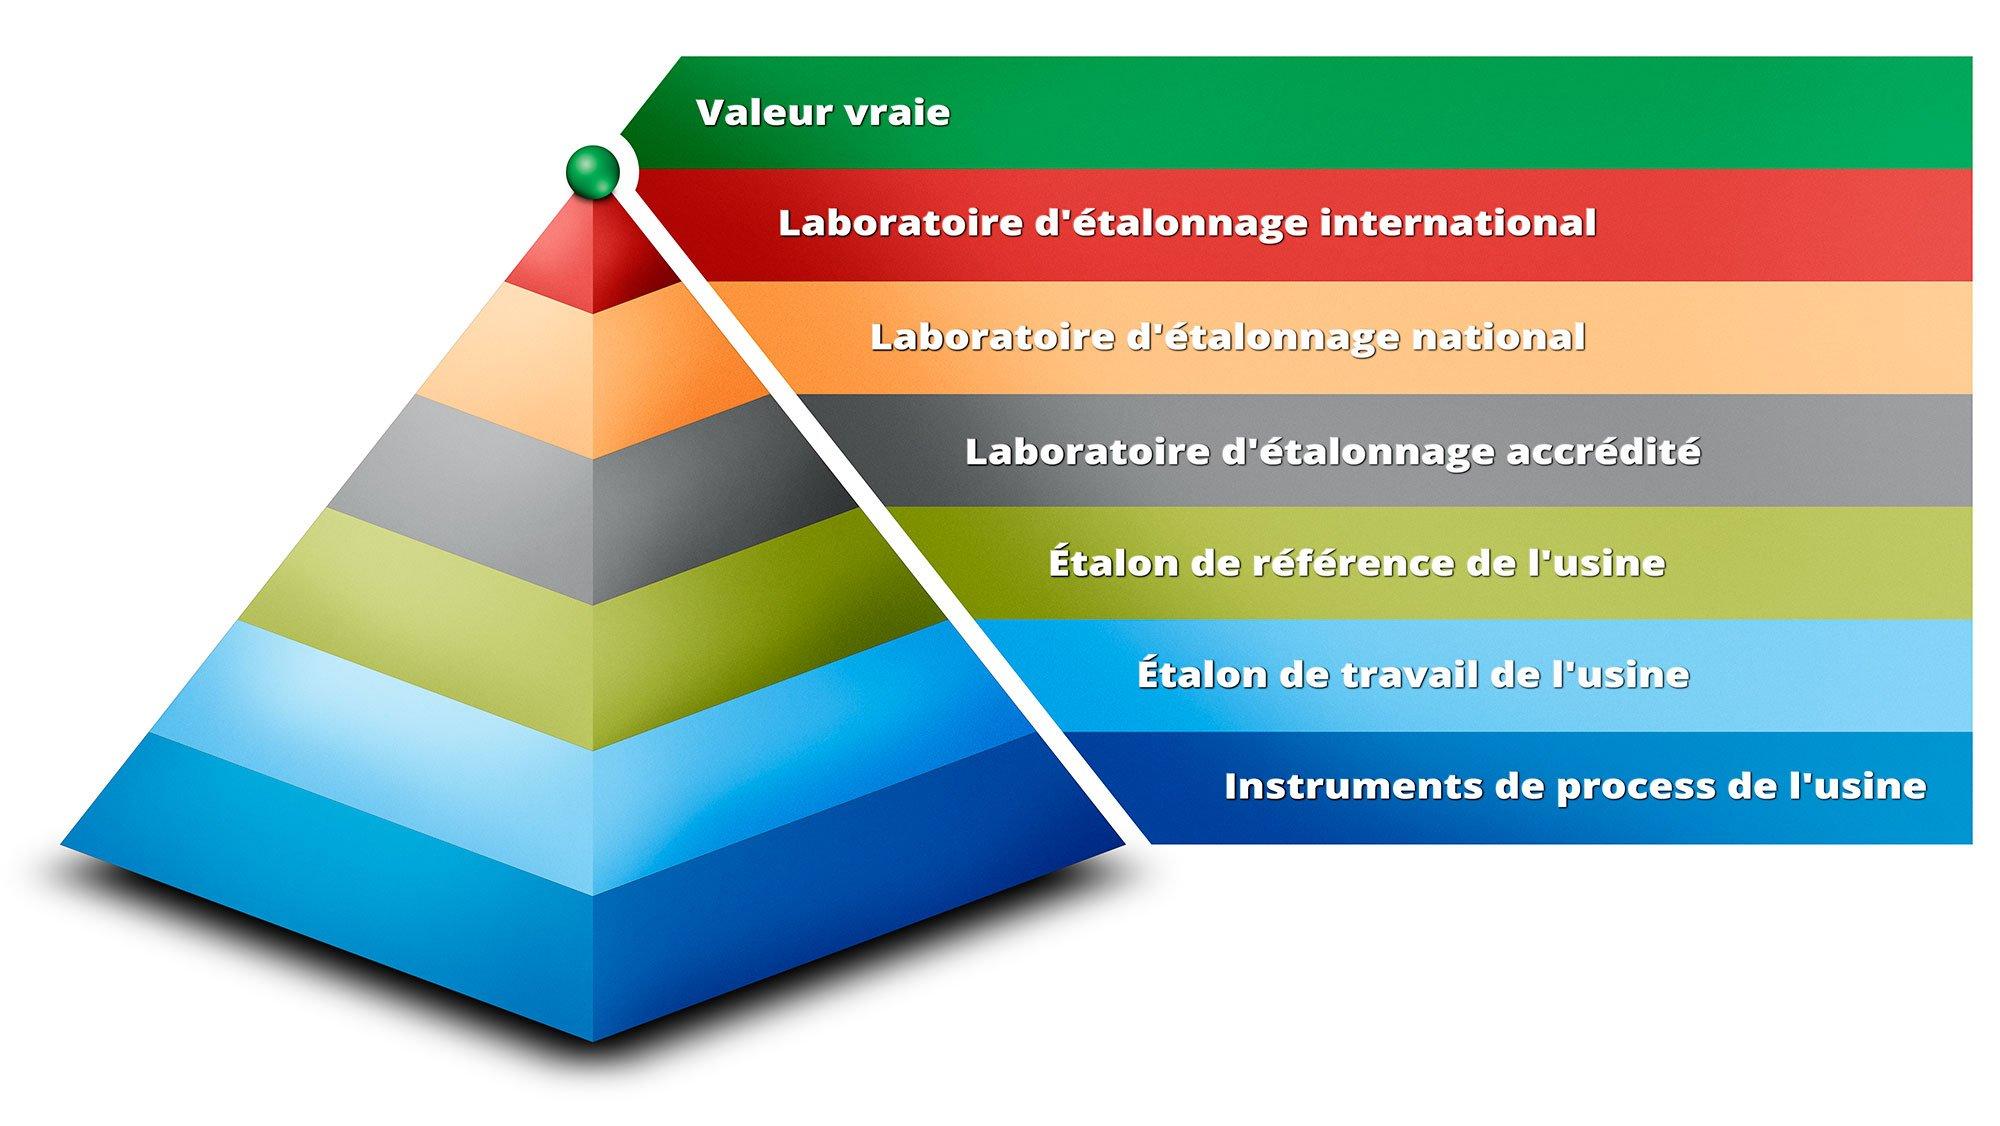 La pyramide de traçabilité